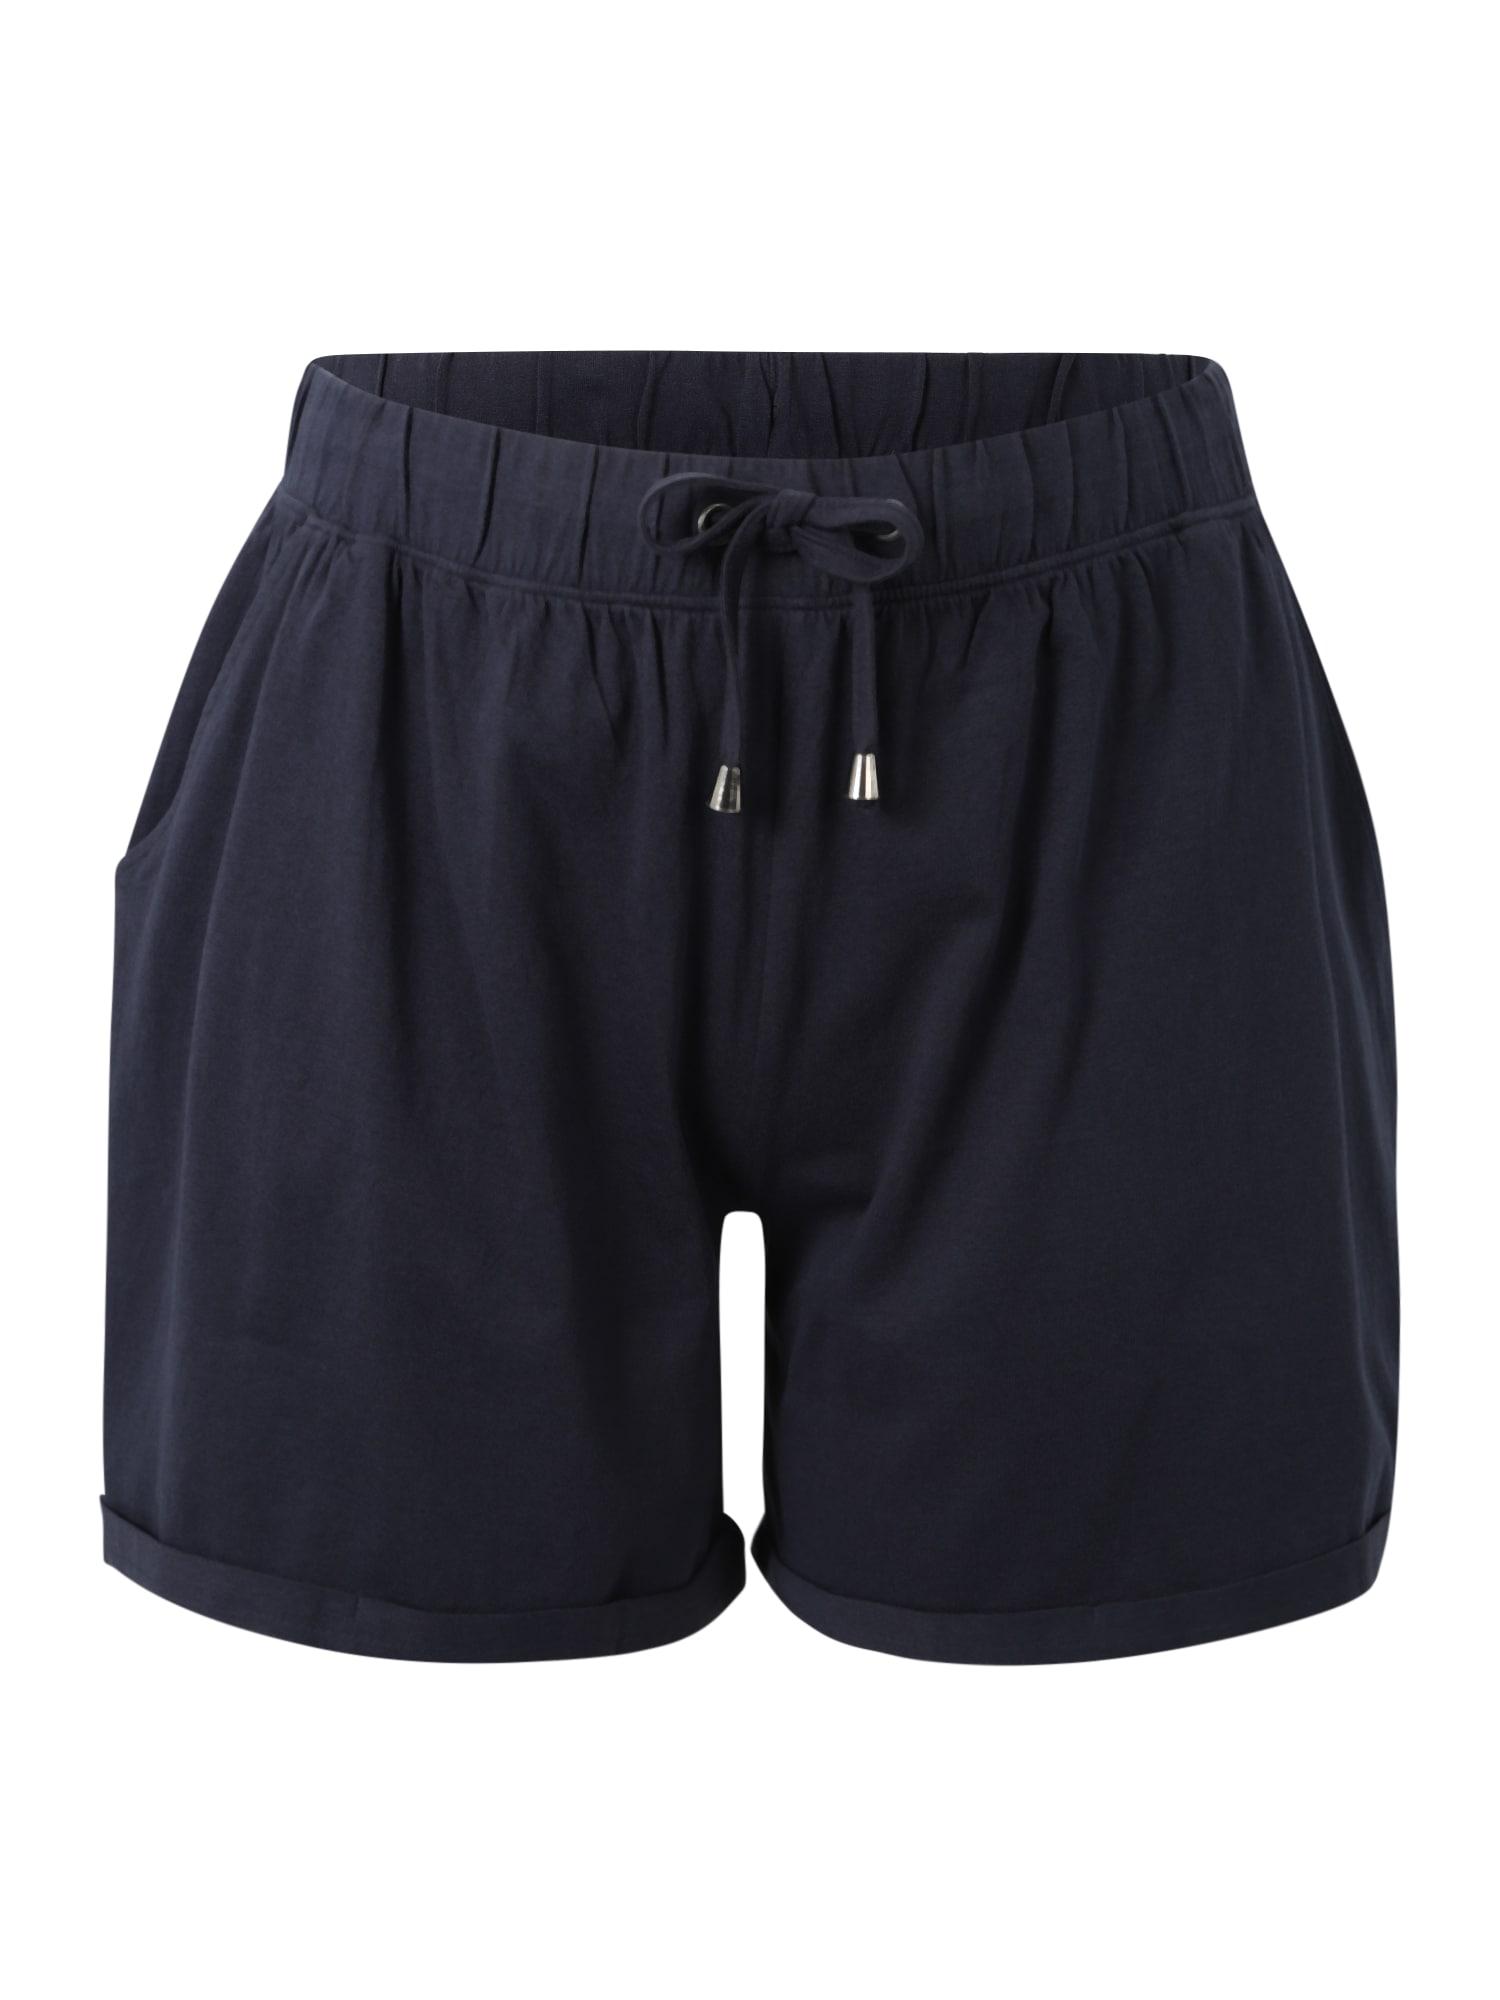 Kalhoty VMINA tmavě modrá Zizzi